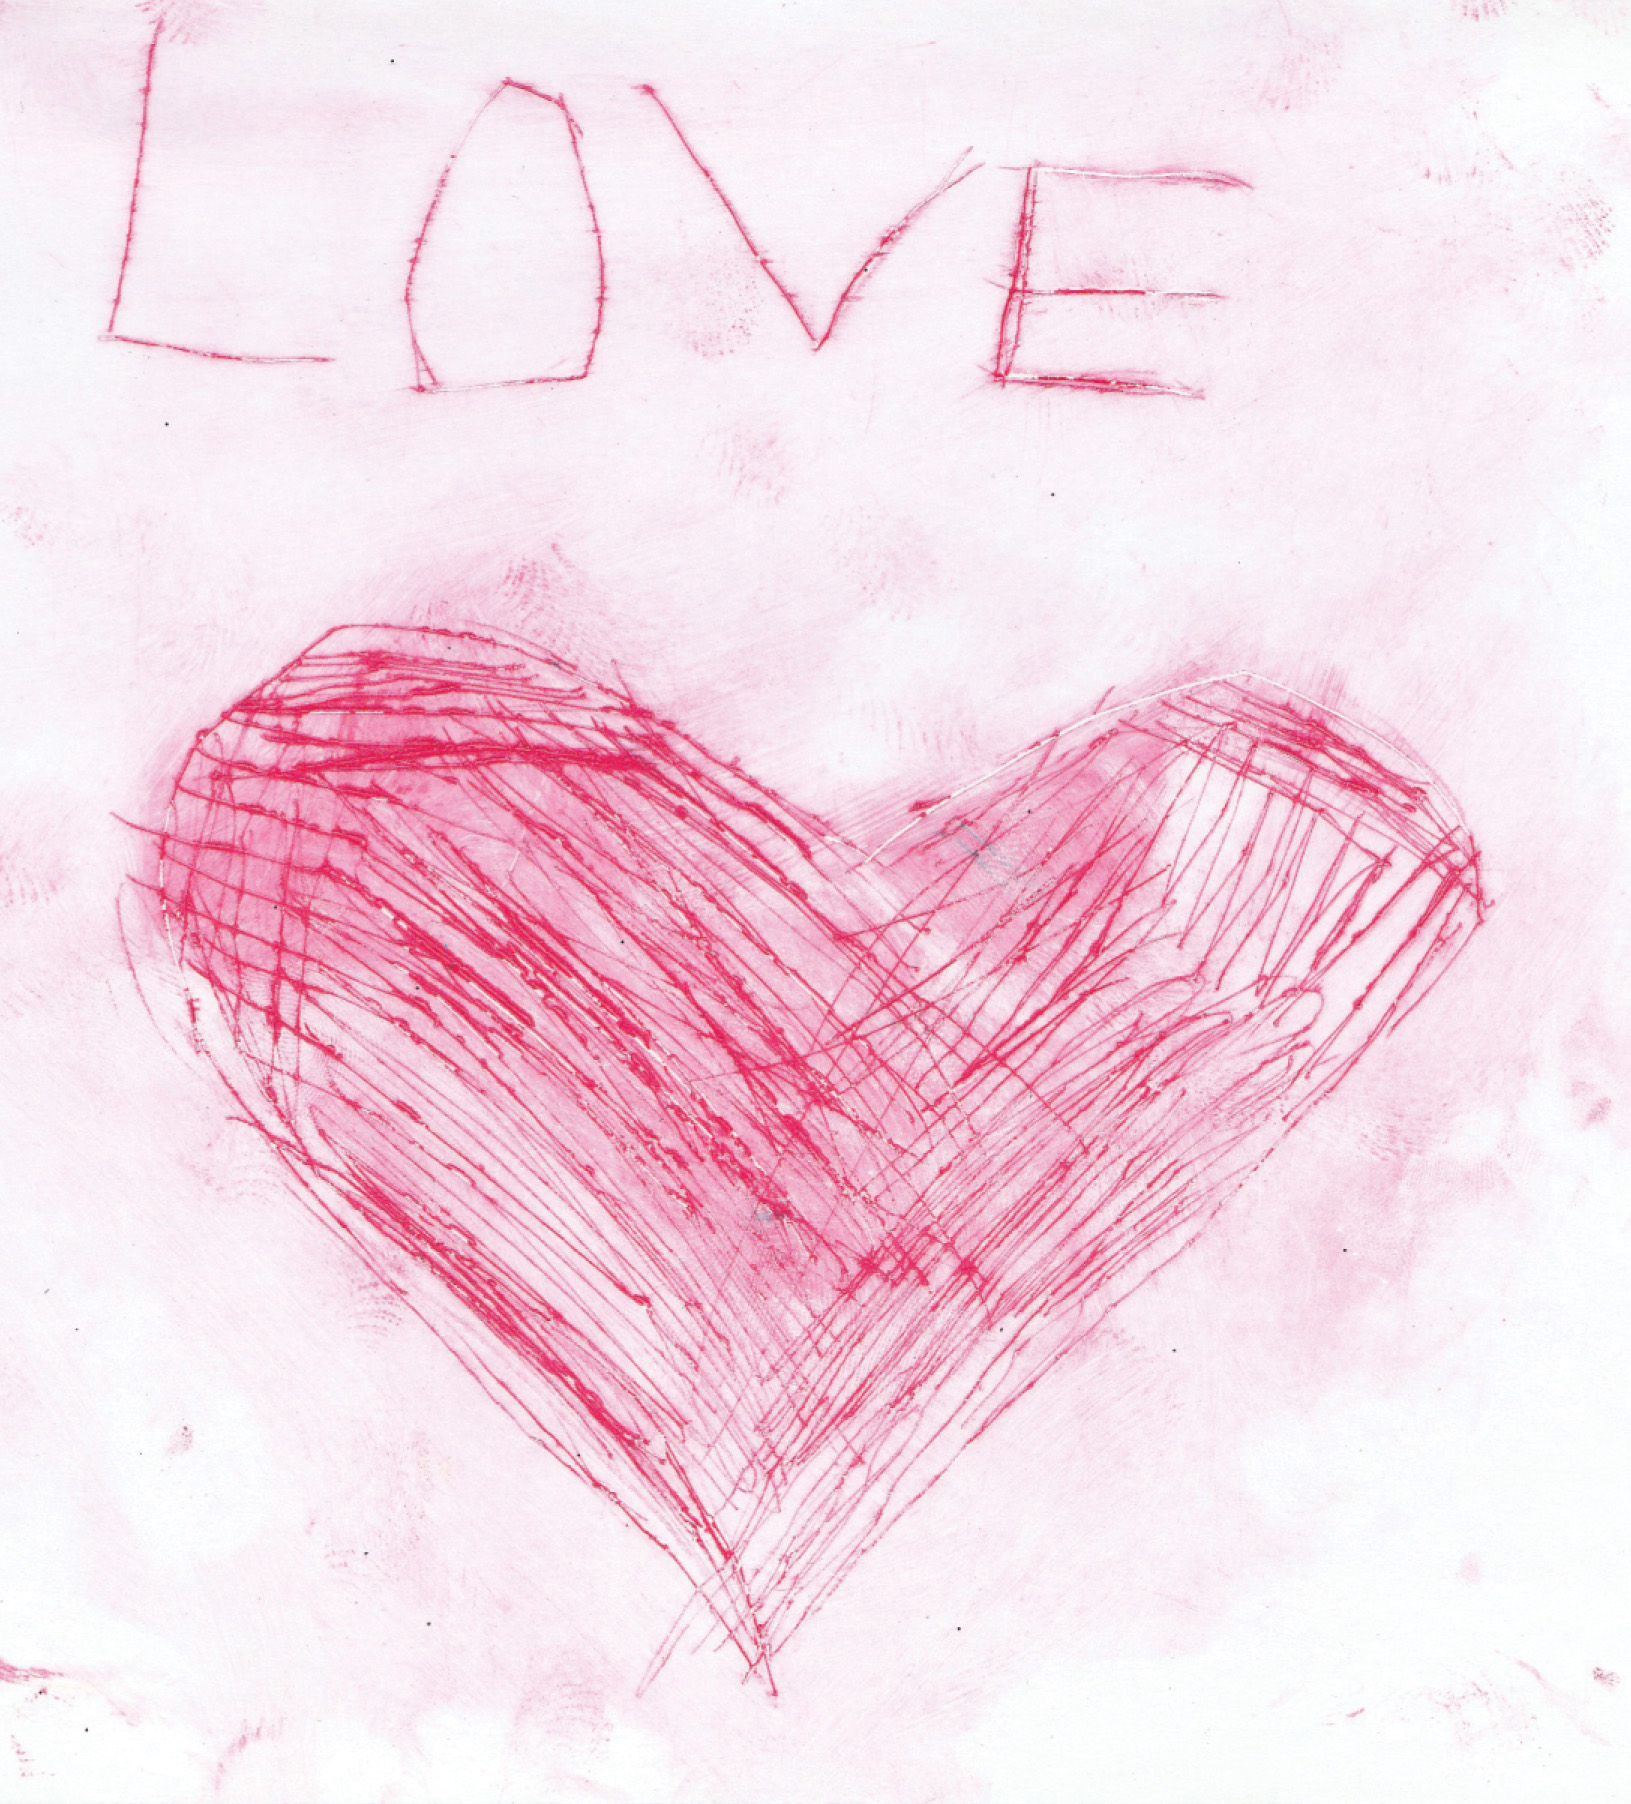 Zīmējumā ir attēlota sirds rozā krāsā un teksts LOVE. Zīmējums ir krāsains.